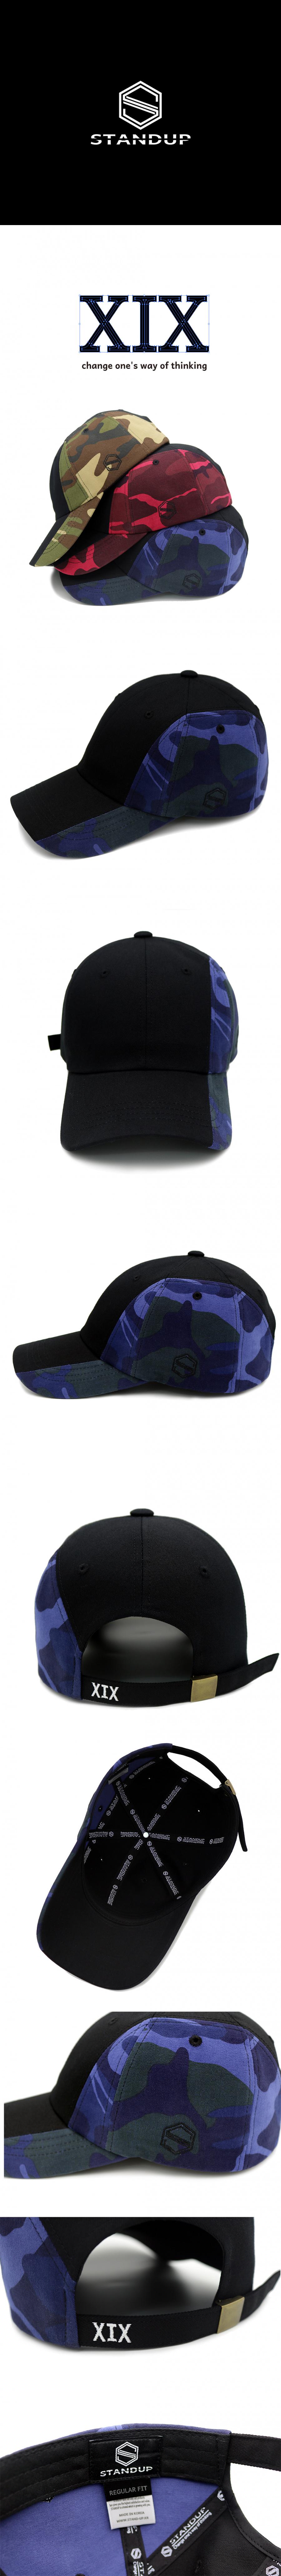 스탠드업(STANDUP) XIX_리버스 블랙 카모 블루 컬러 볼캡